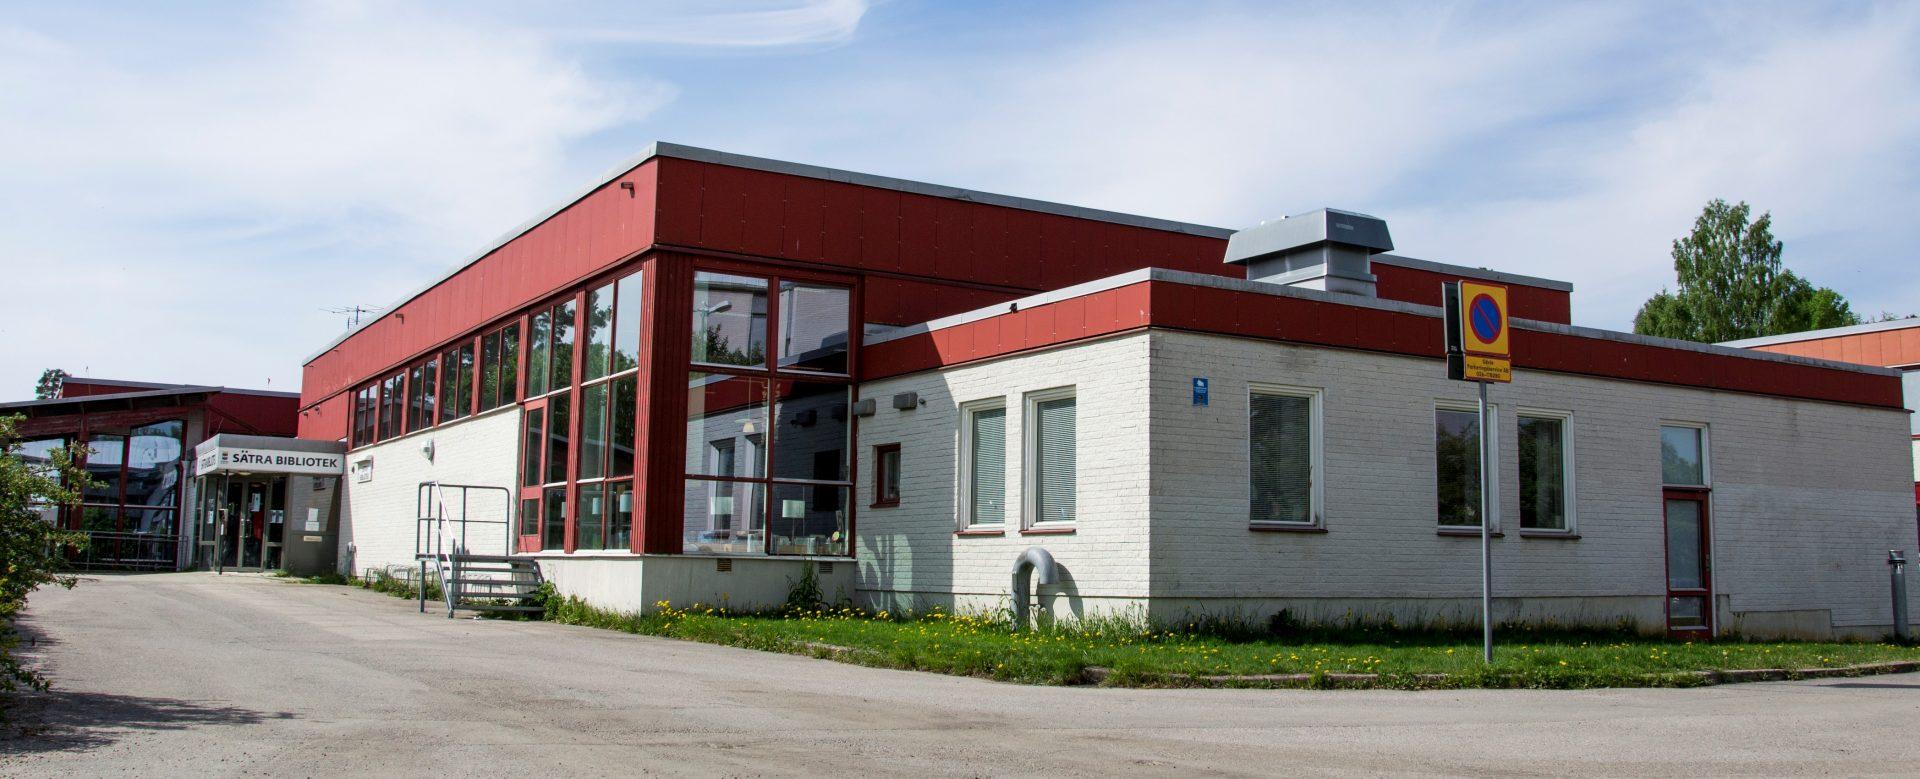 SÃtra bibliotek WPE (3)